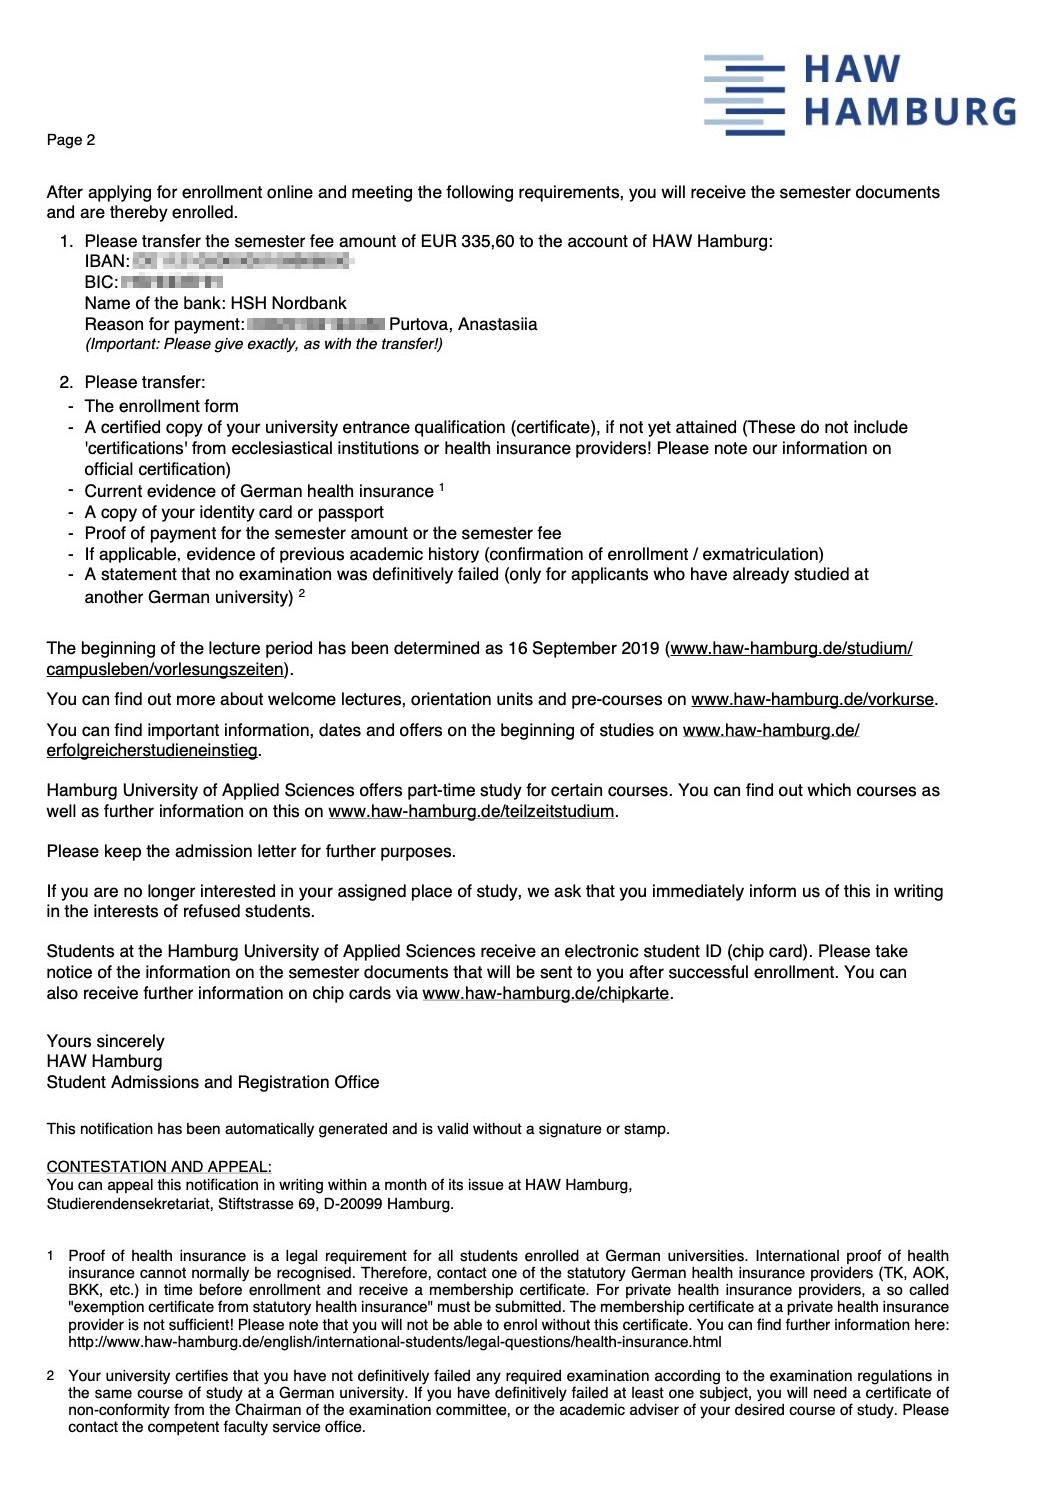 Письмо-приглашение отГамбургского университета прикладных наук суказанием дальнейших шагов длязакрепления статуса студента